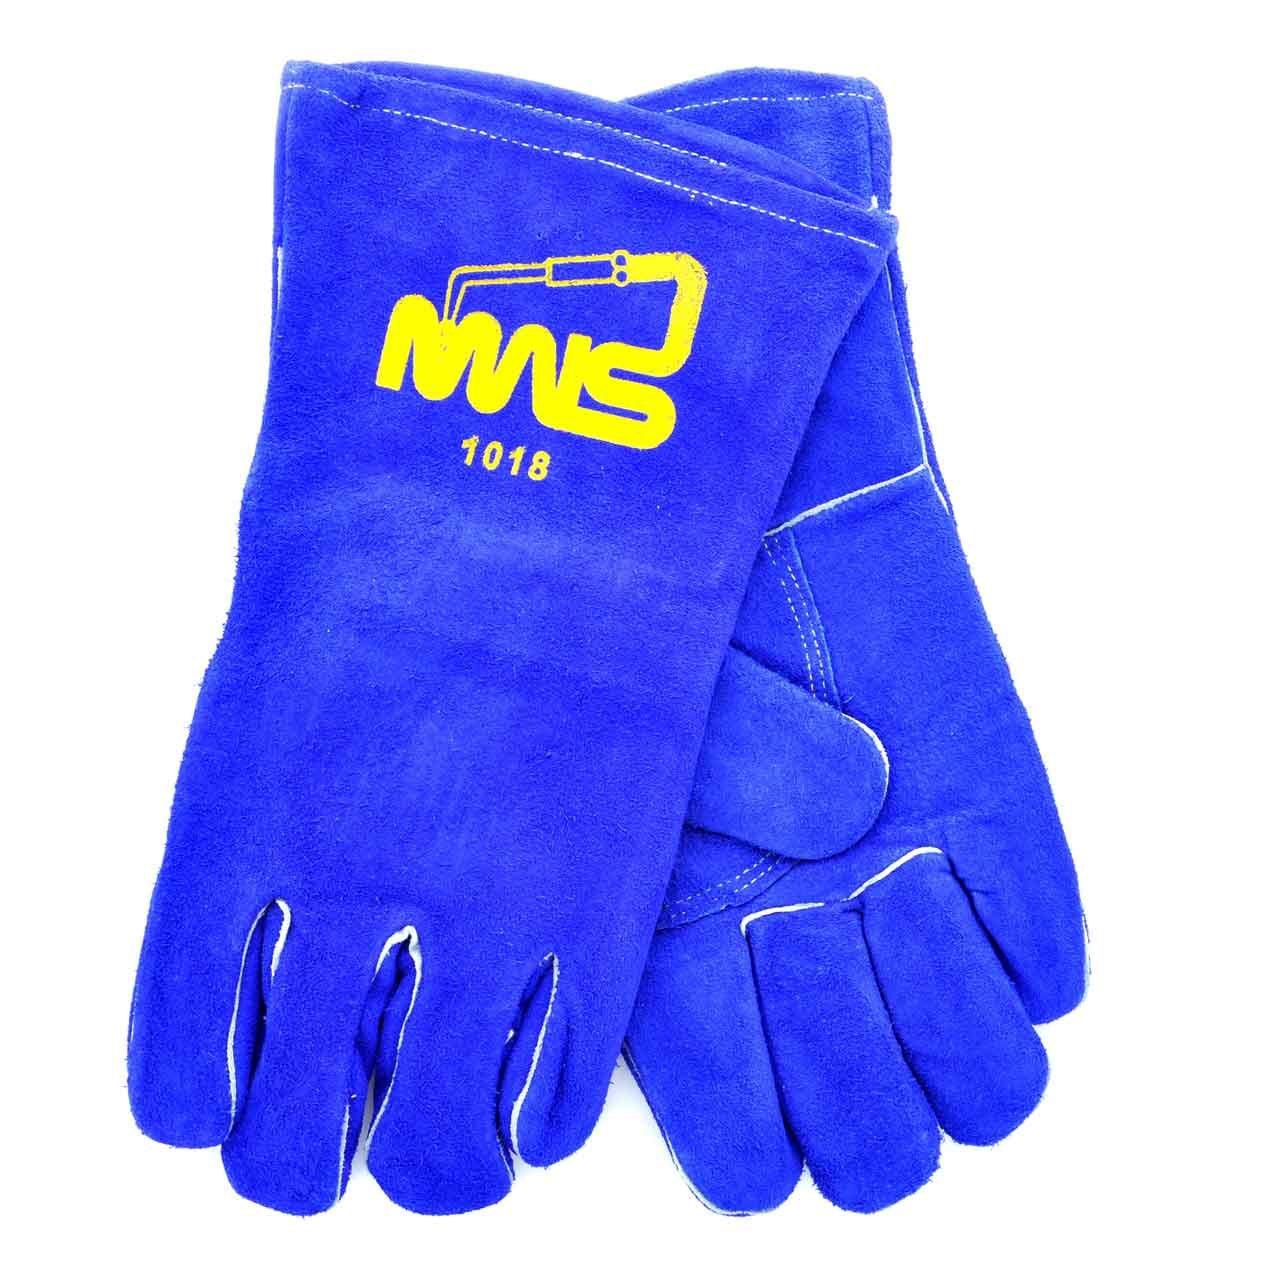 Tillman 1018W Women's Slightly Select Cowhide Welding Gloves-Large |Pk by Tillman